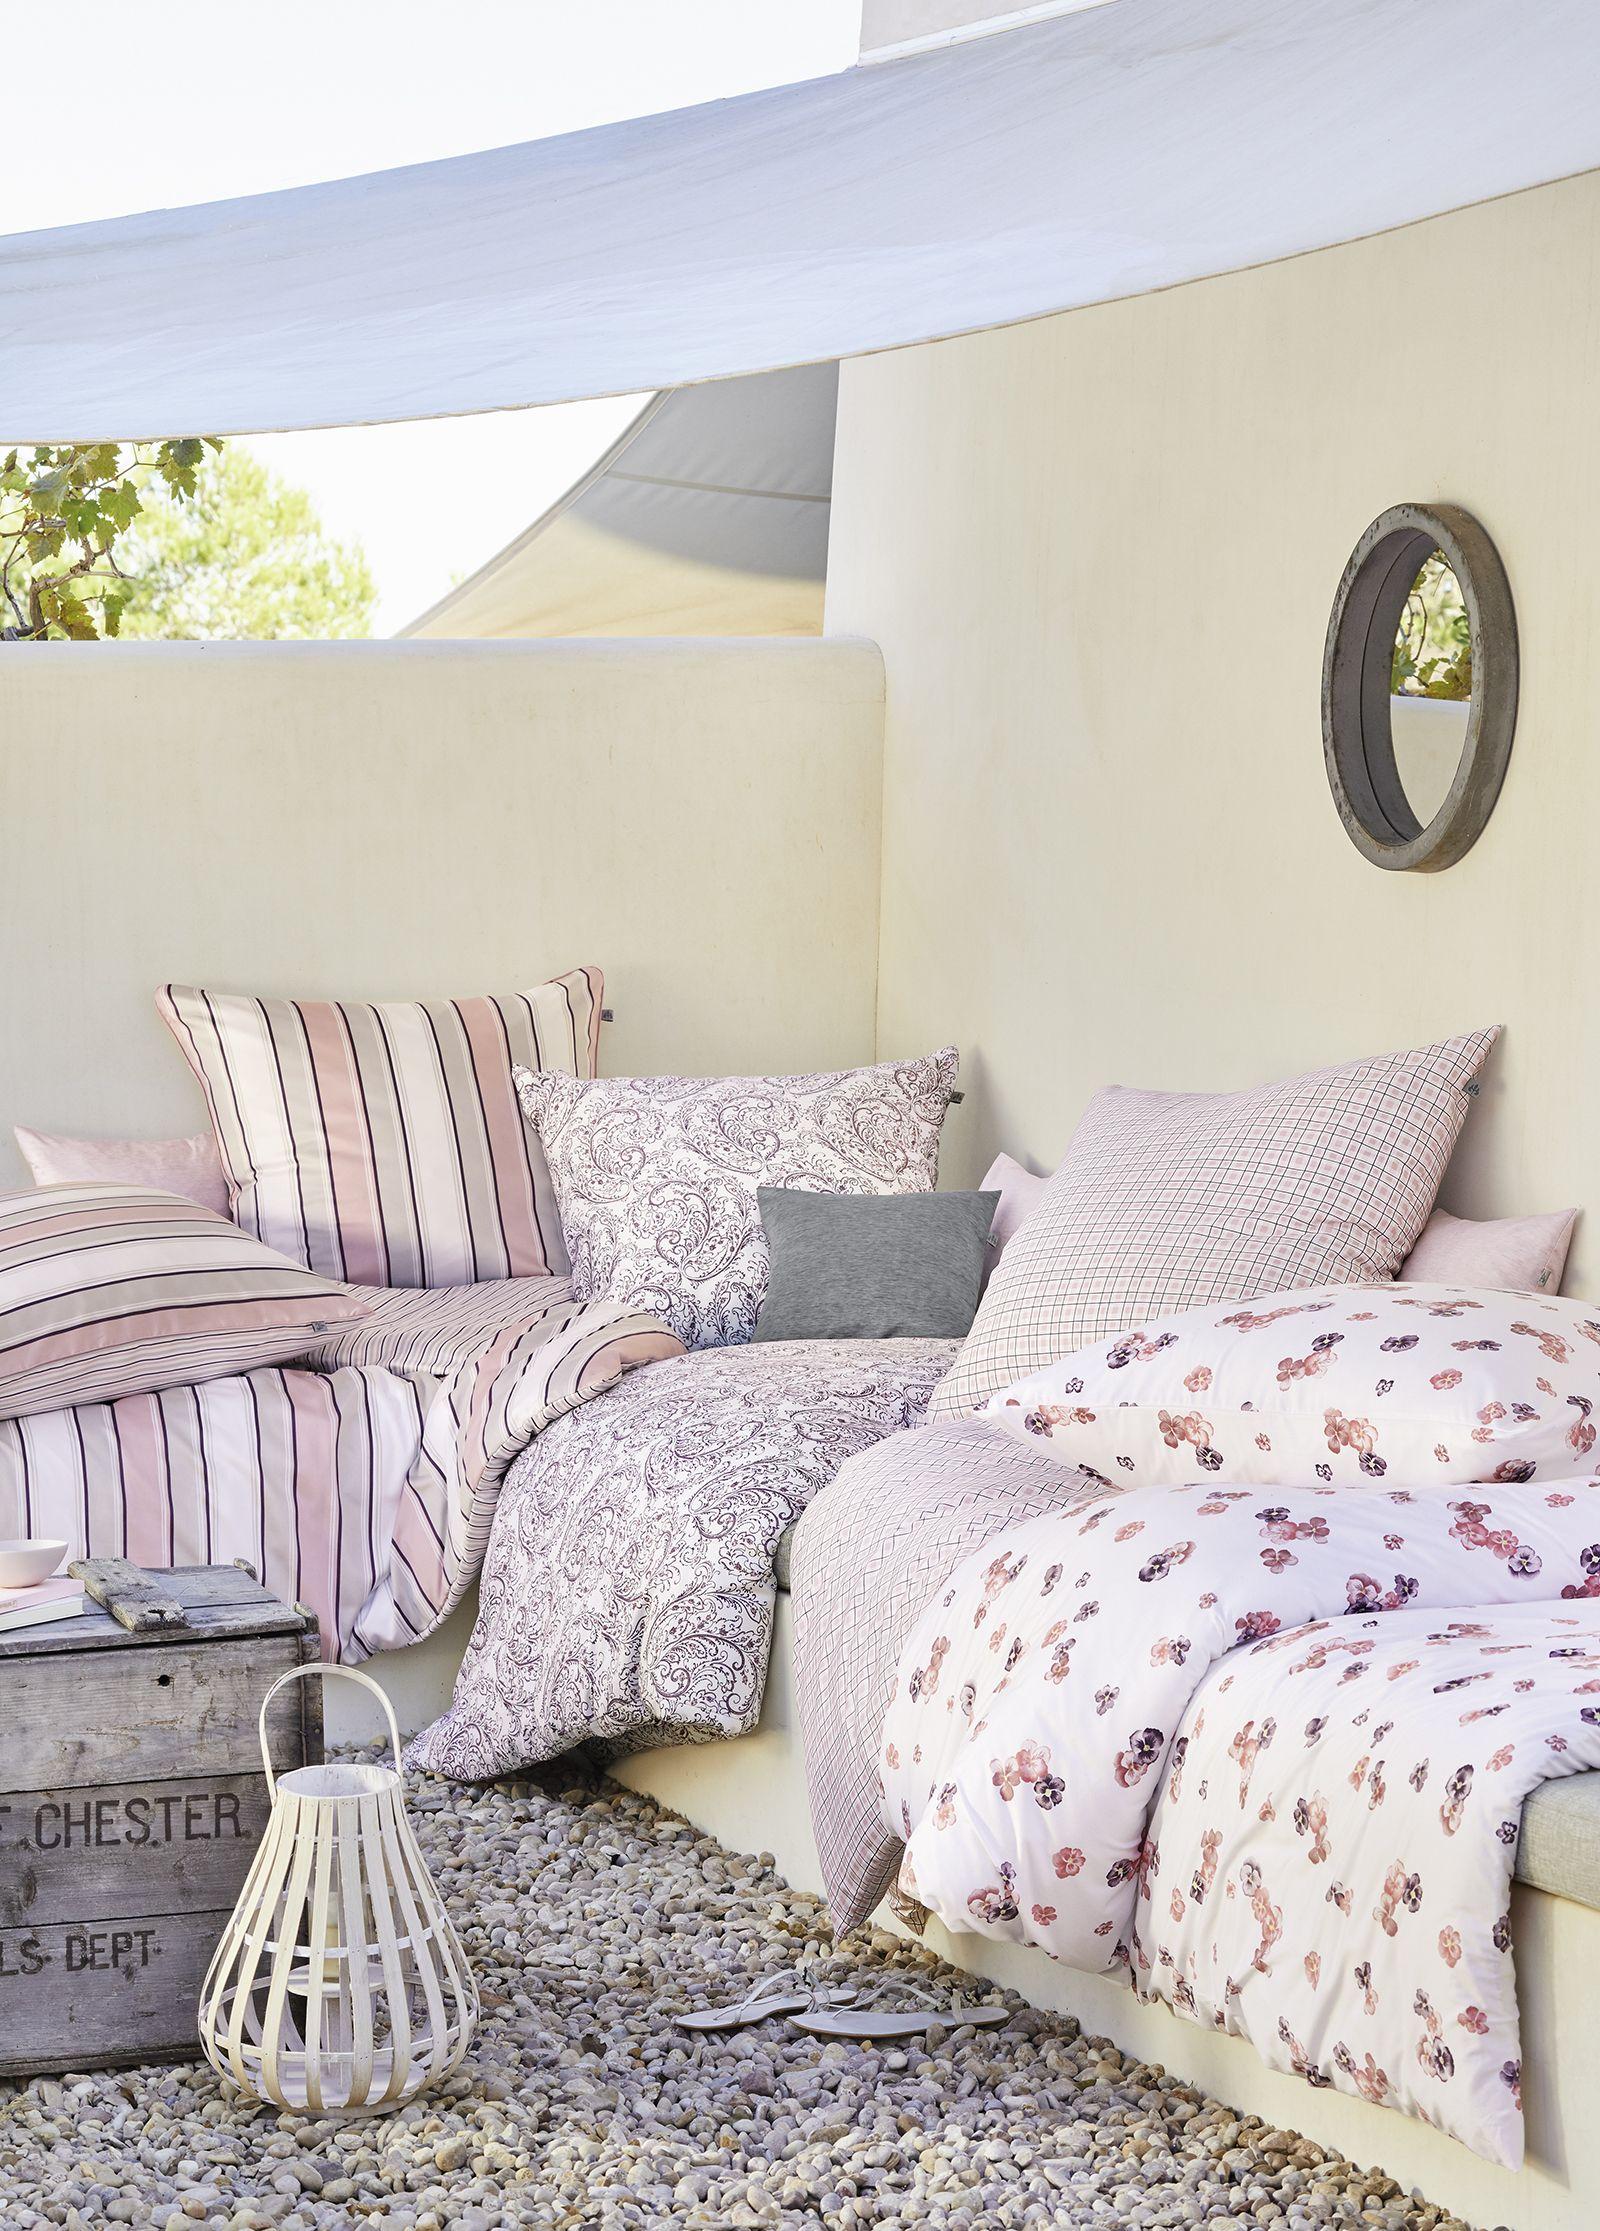 Romantisches schlafzimmer interieur zarte rosatöne zum perfekten kombinieren im schlafzimmer  romantik